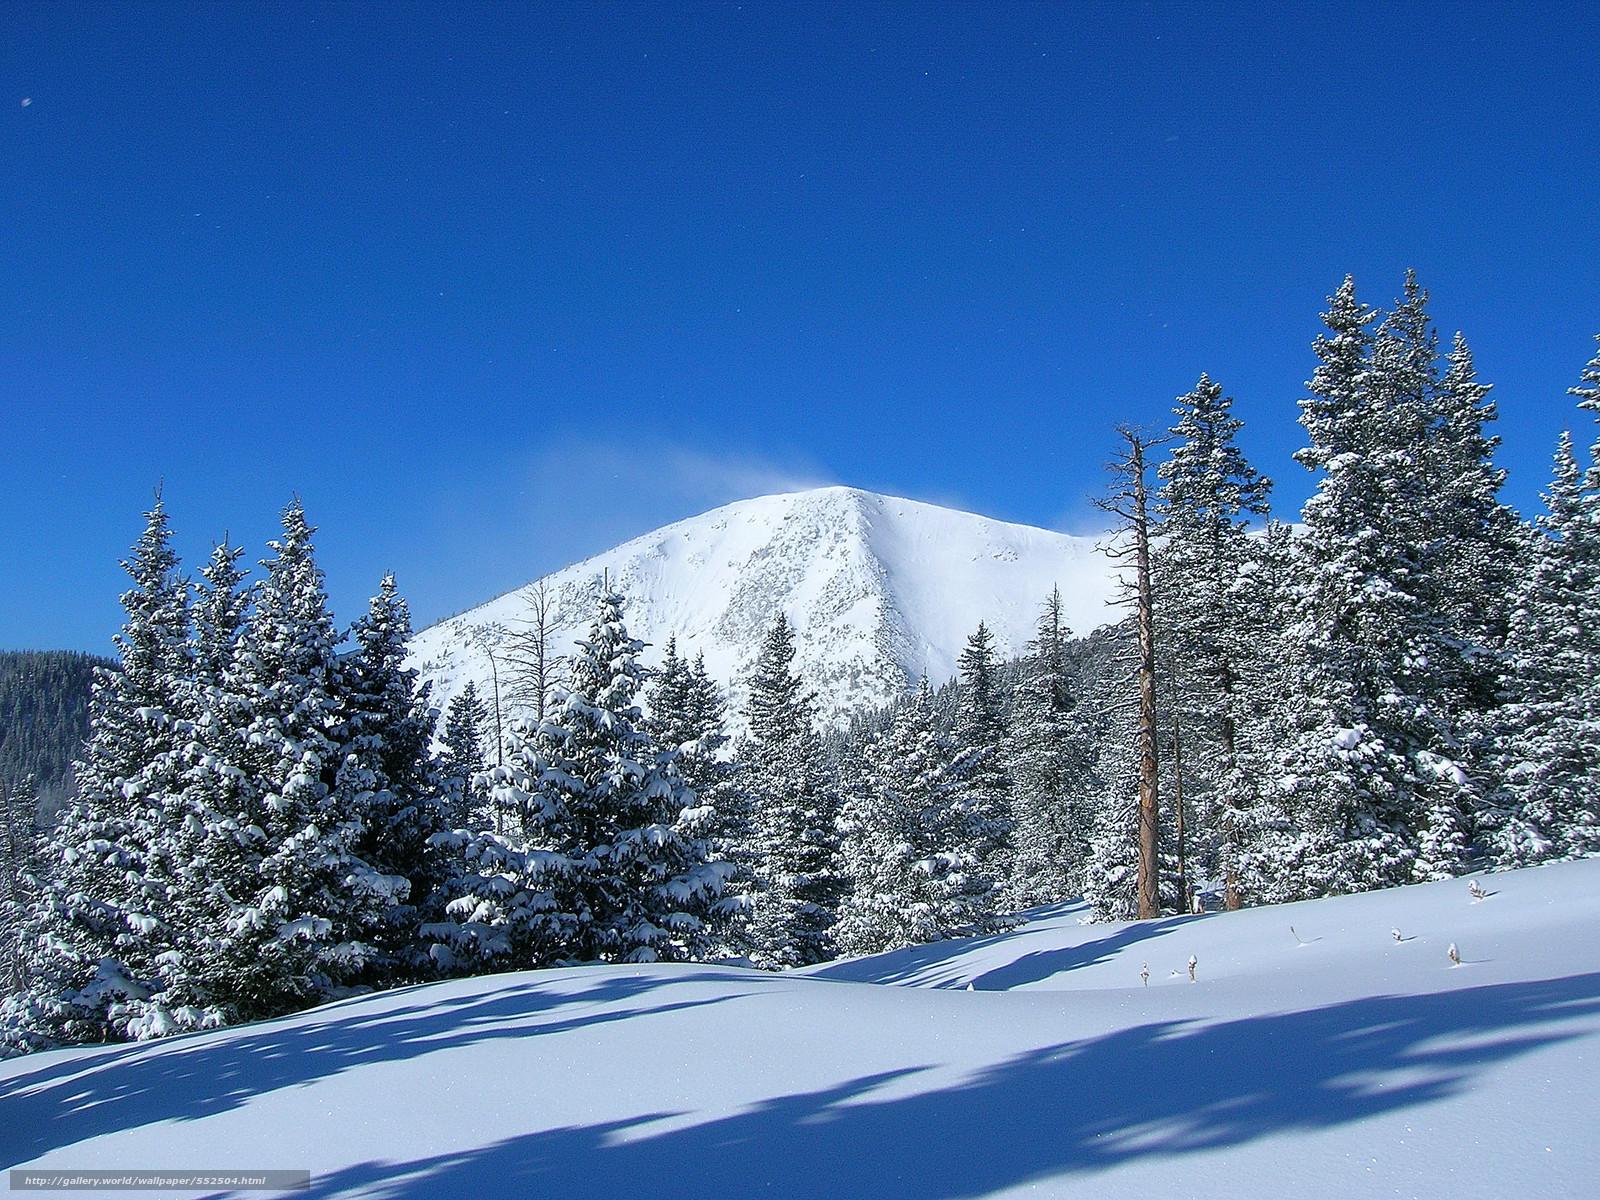 Scaricare gli sfondi montagna alberi inverno paesaggio for Sfondi desktop inverno montagna